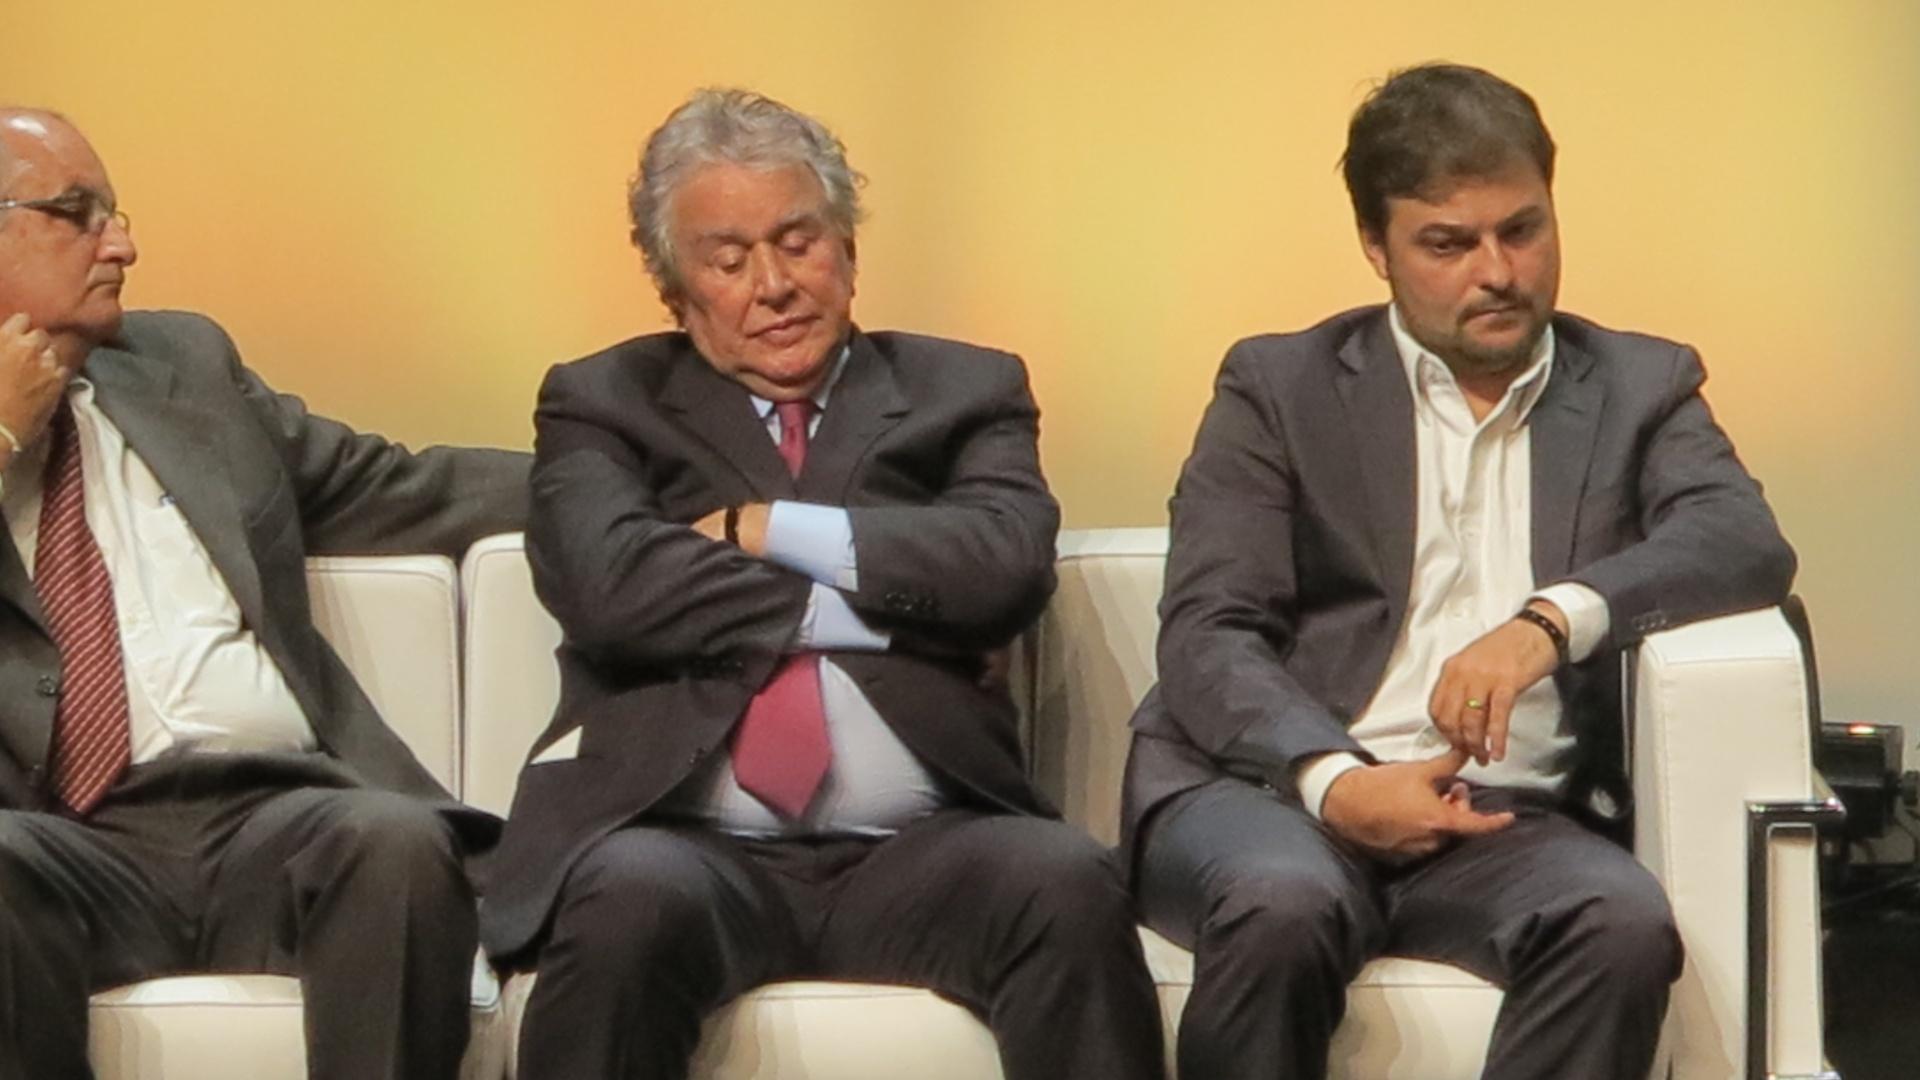 Juvenal Juvêncio cochila durante evento com dirigentes de grandes clubes em São Paulo